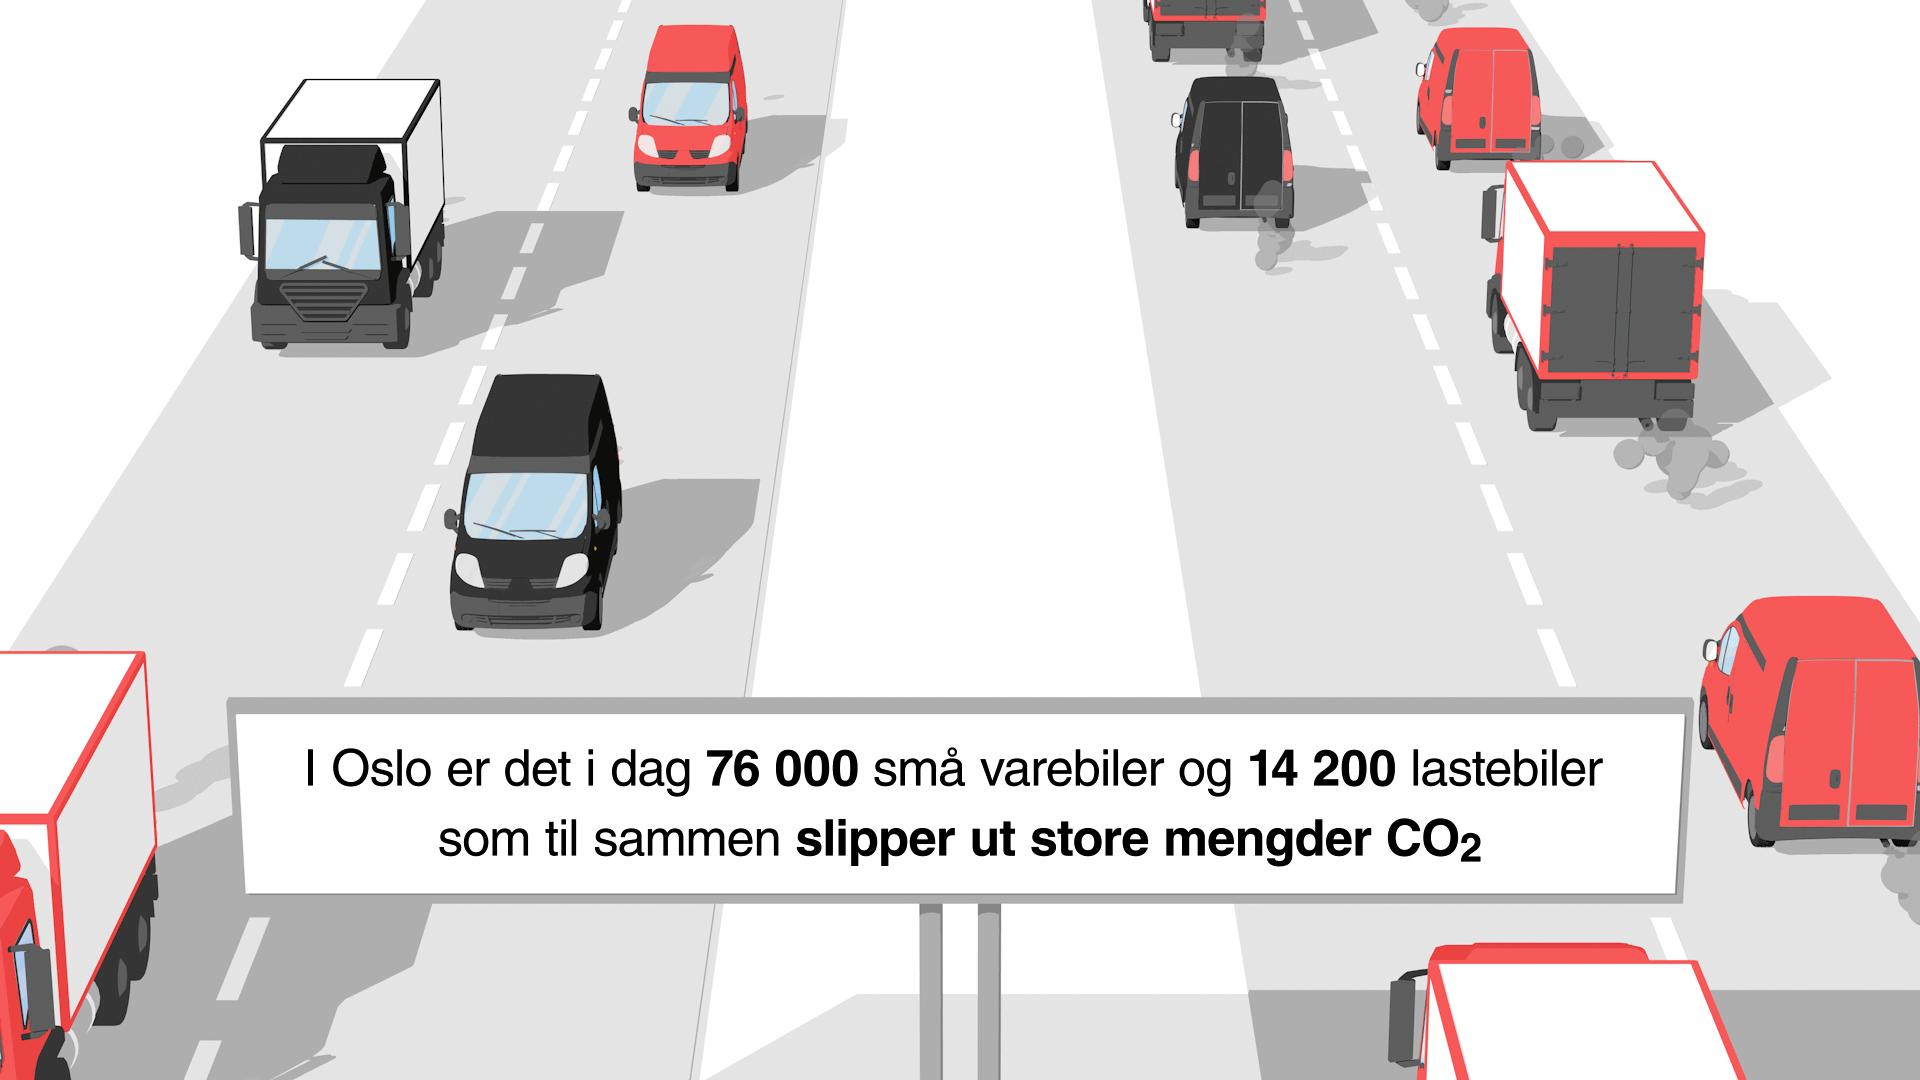 2d animasjon og infografikk av trafikken av transportbransjen lagd i 3d for hafslund